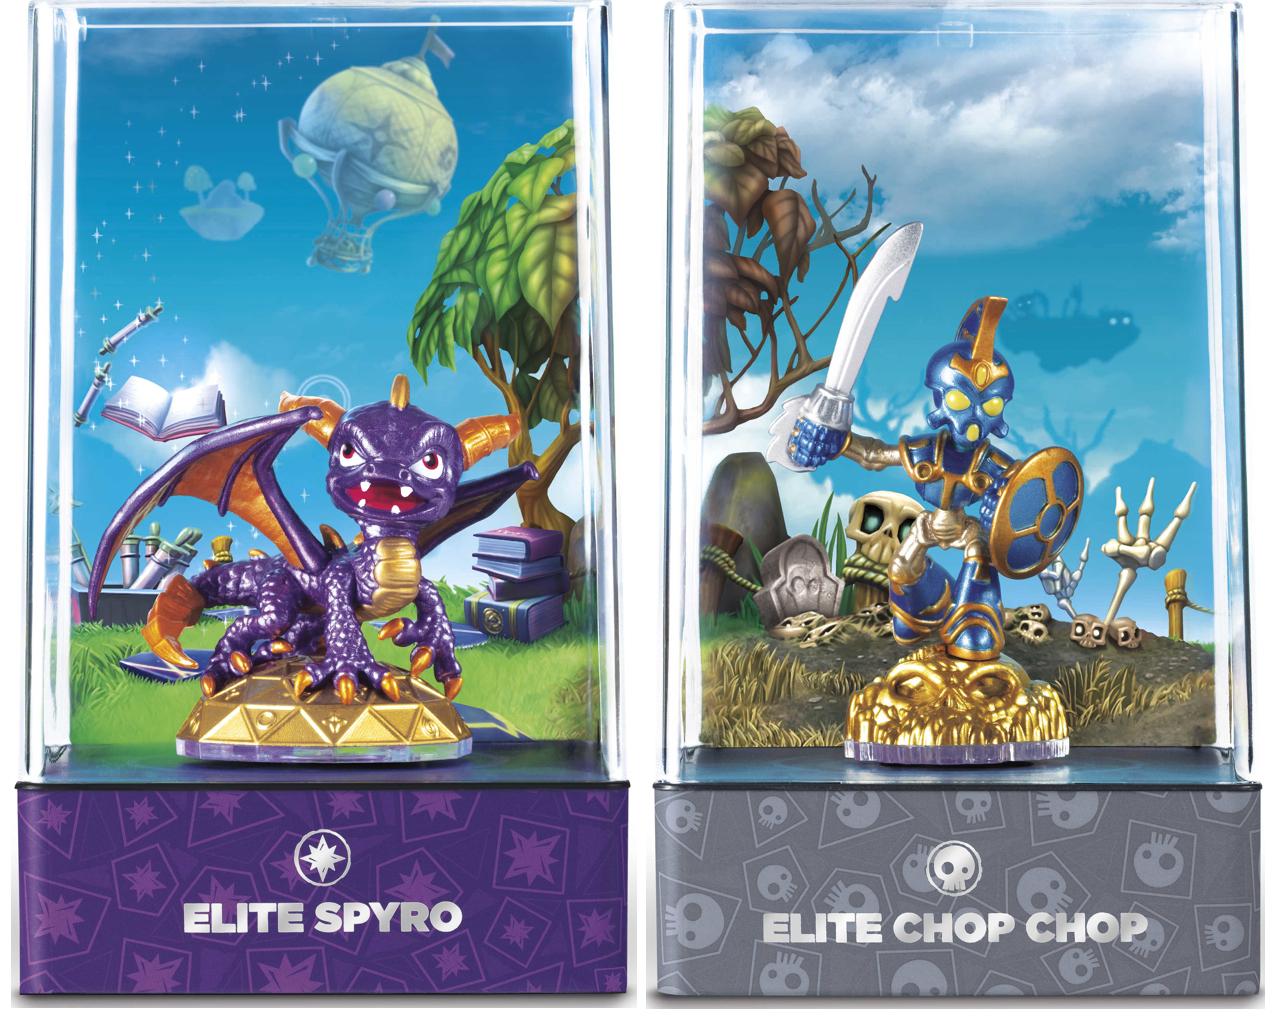 Elite Spyro et Elite Chop Chop